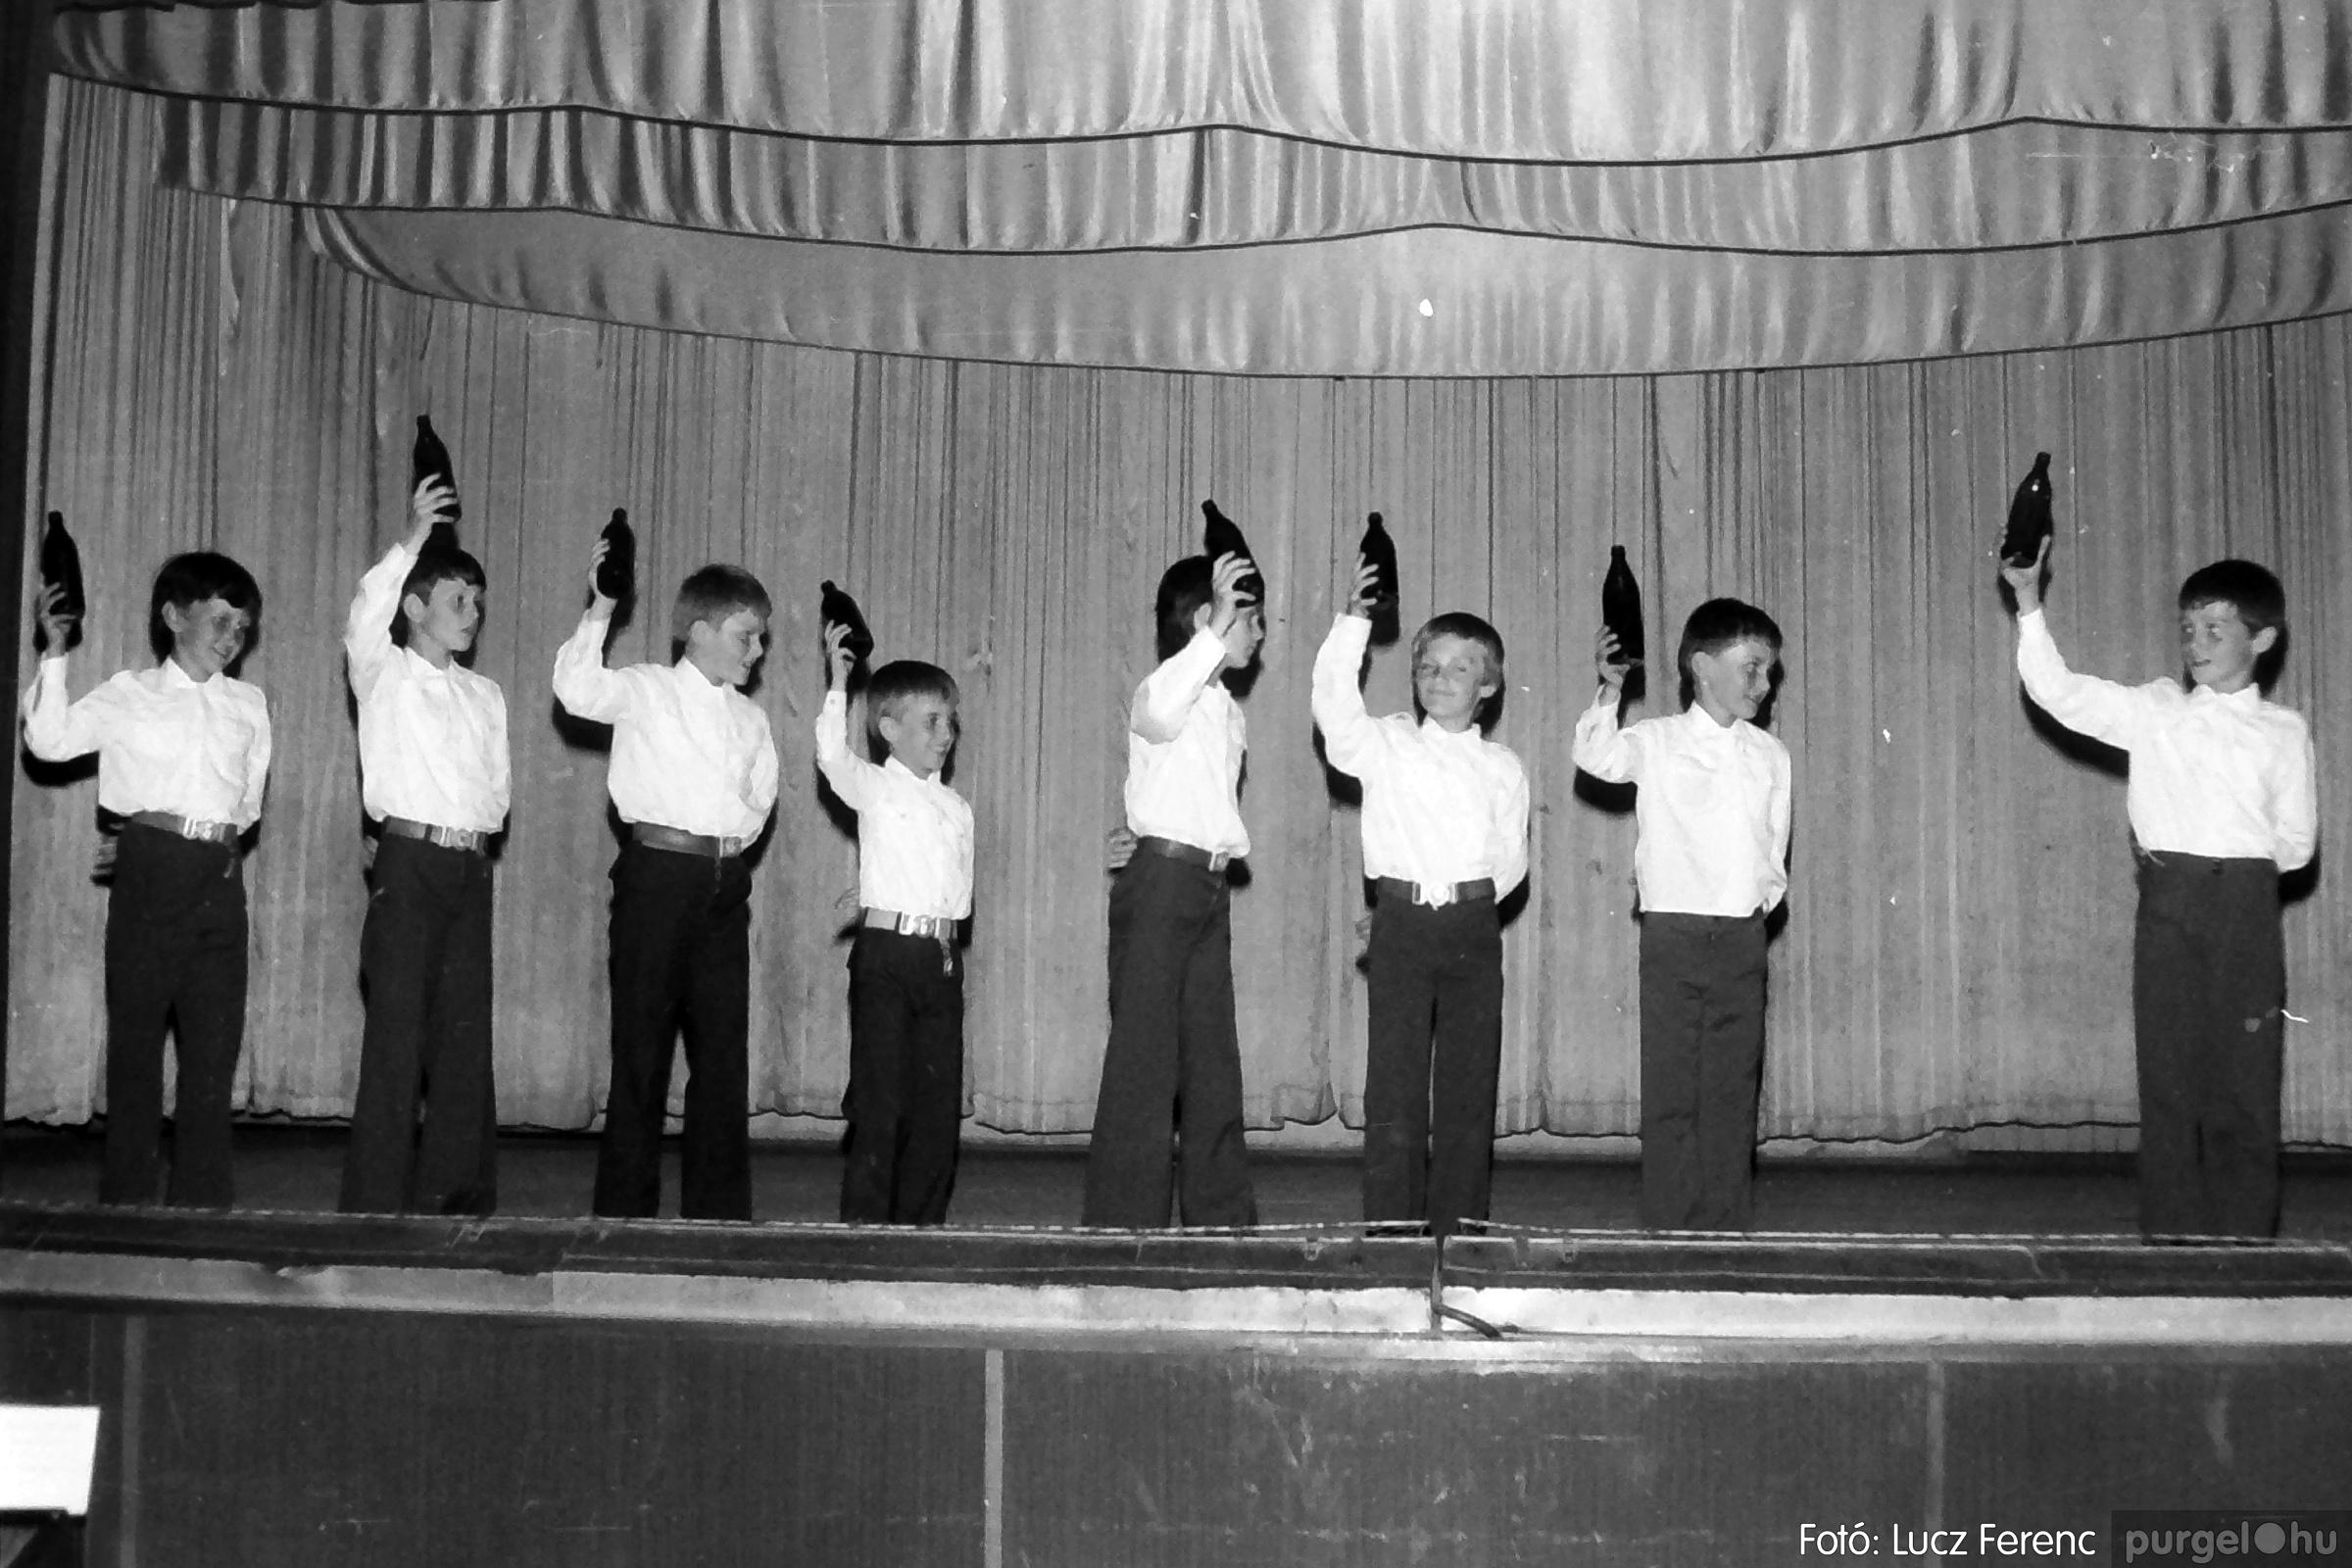 081. 1977. Néptáncosok fellépése a kultúrházban 012. - Fotó: Lucz Ferenc.jpg